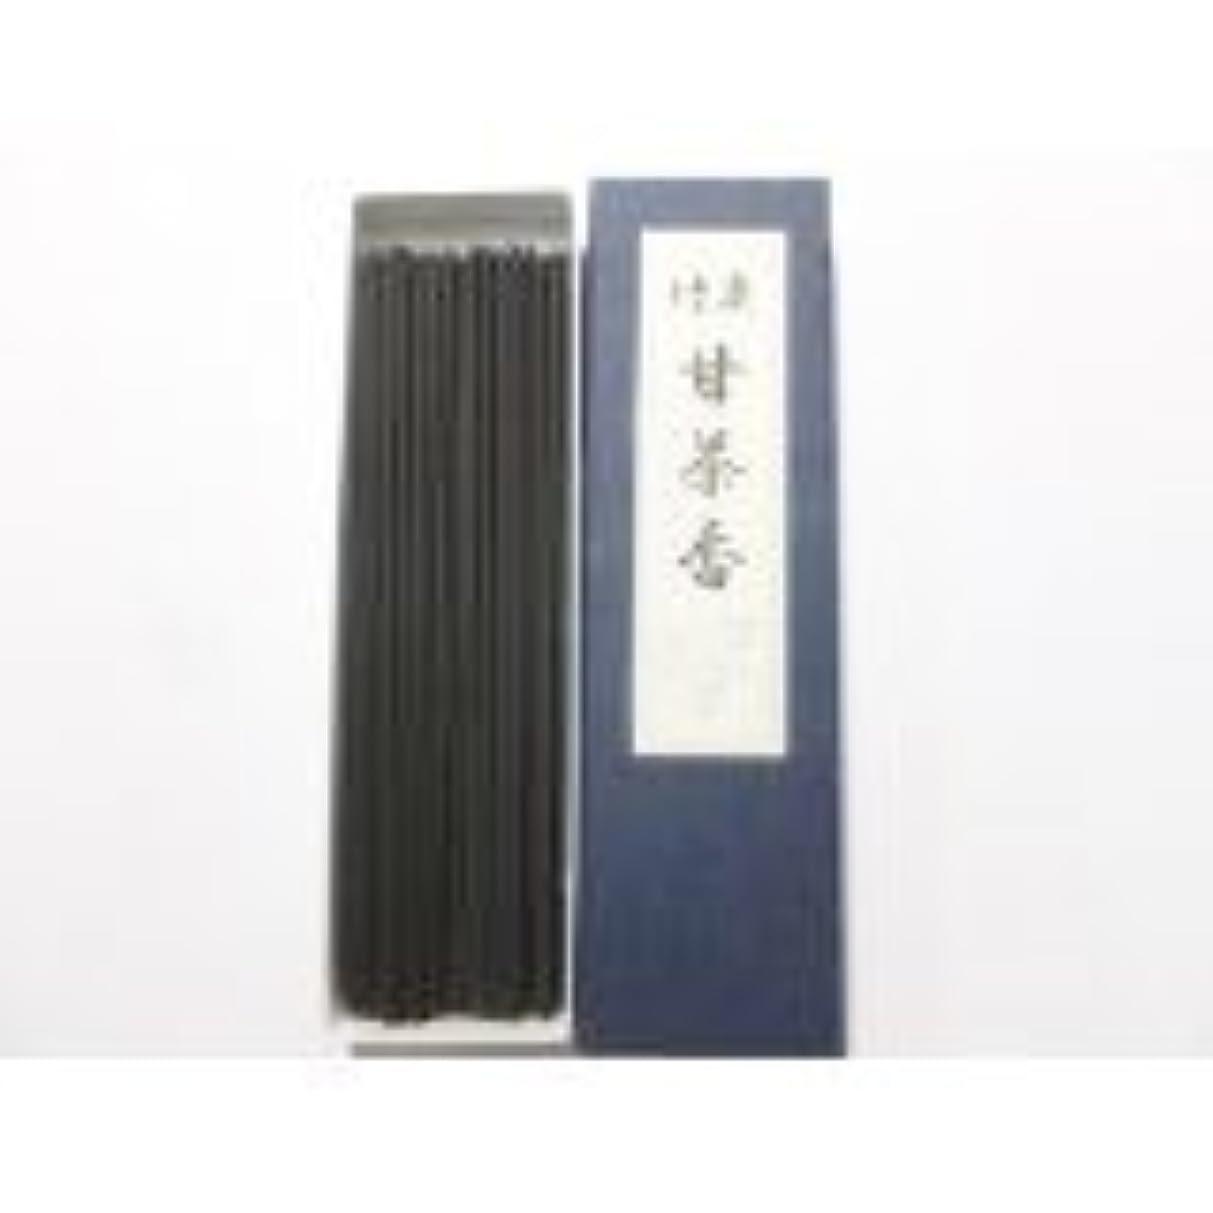 修理可能倍増タール淡路梅薫堂の線香 竹炭甘茶香 18g #30 ×100